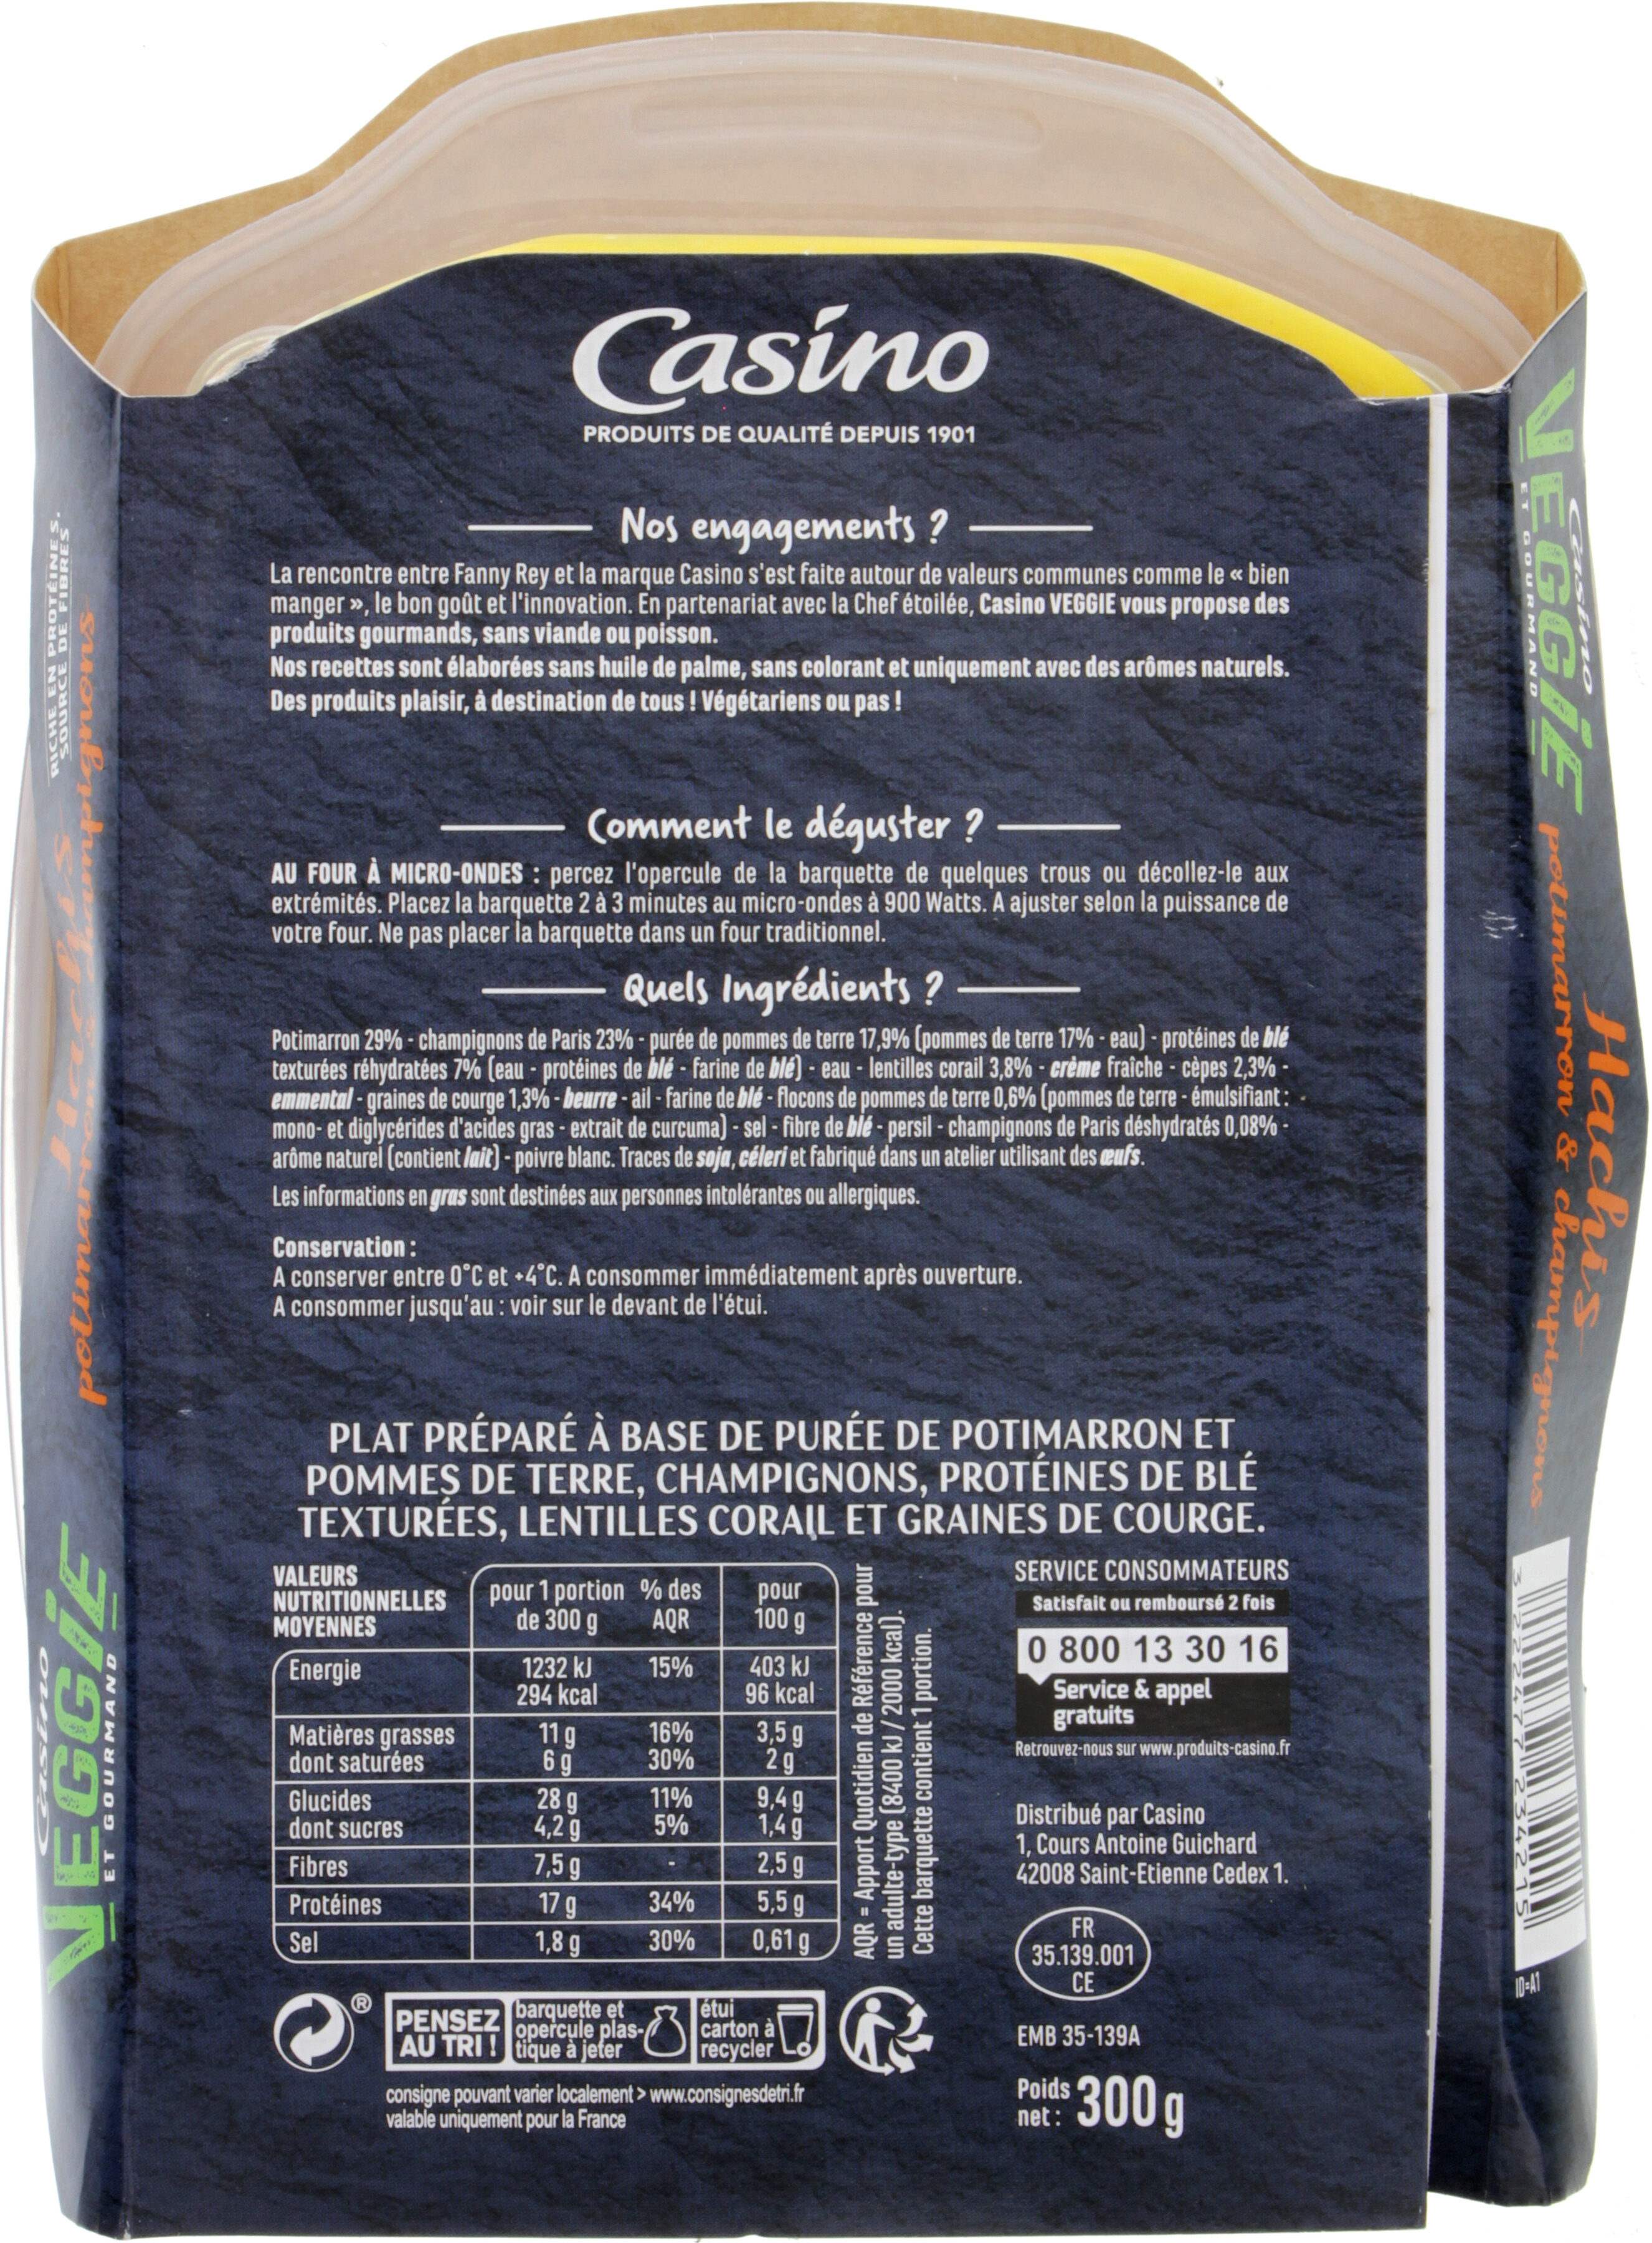 VEGGIE et gourmand hachis potimarron et champignons - Nutrition facts - fr